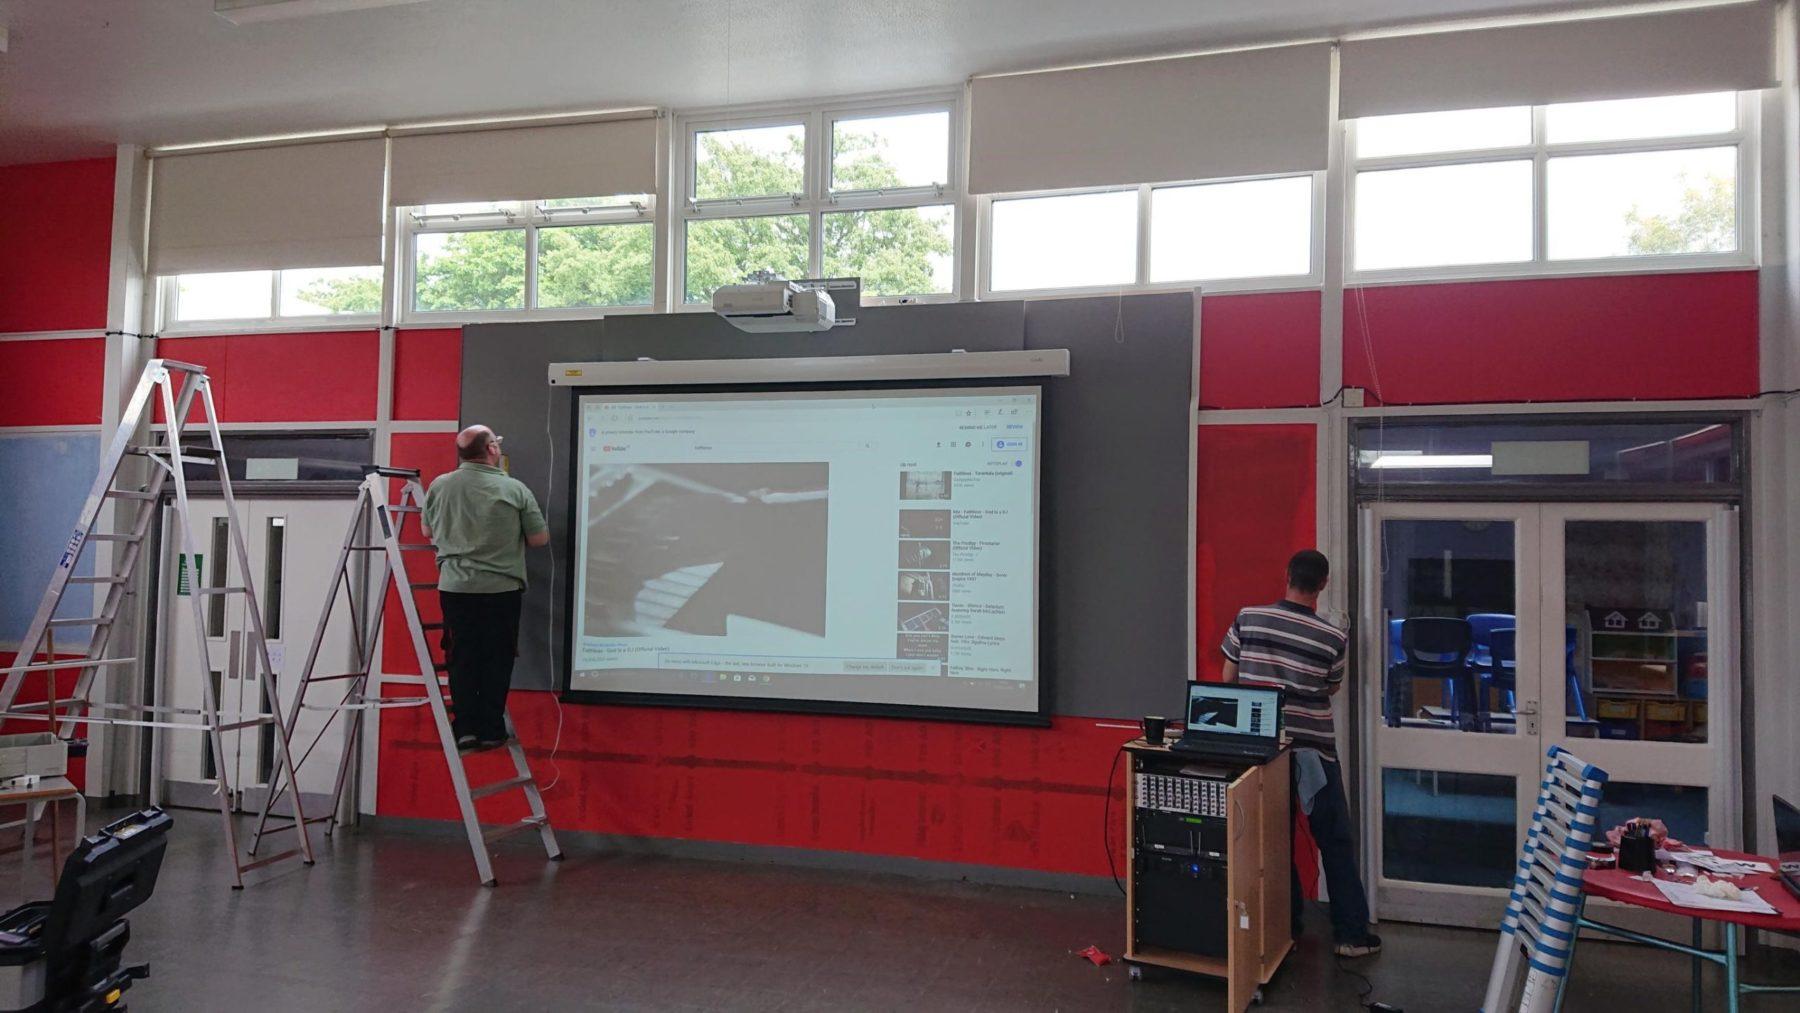 Harlow School Hall AV Installation